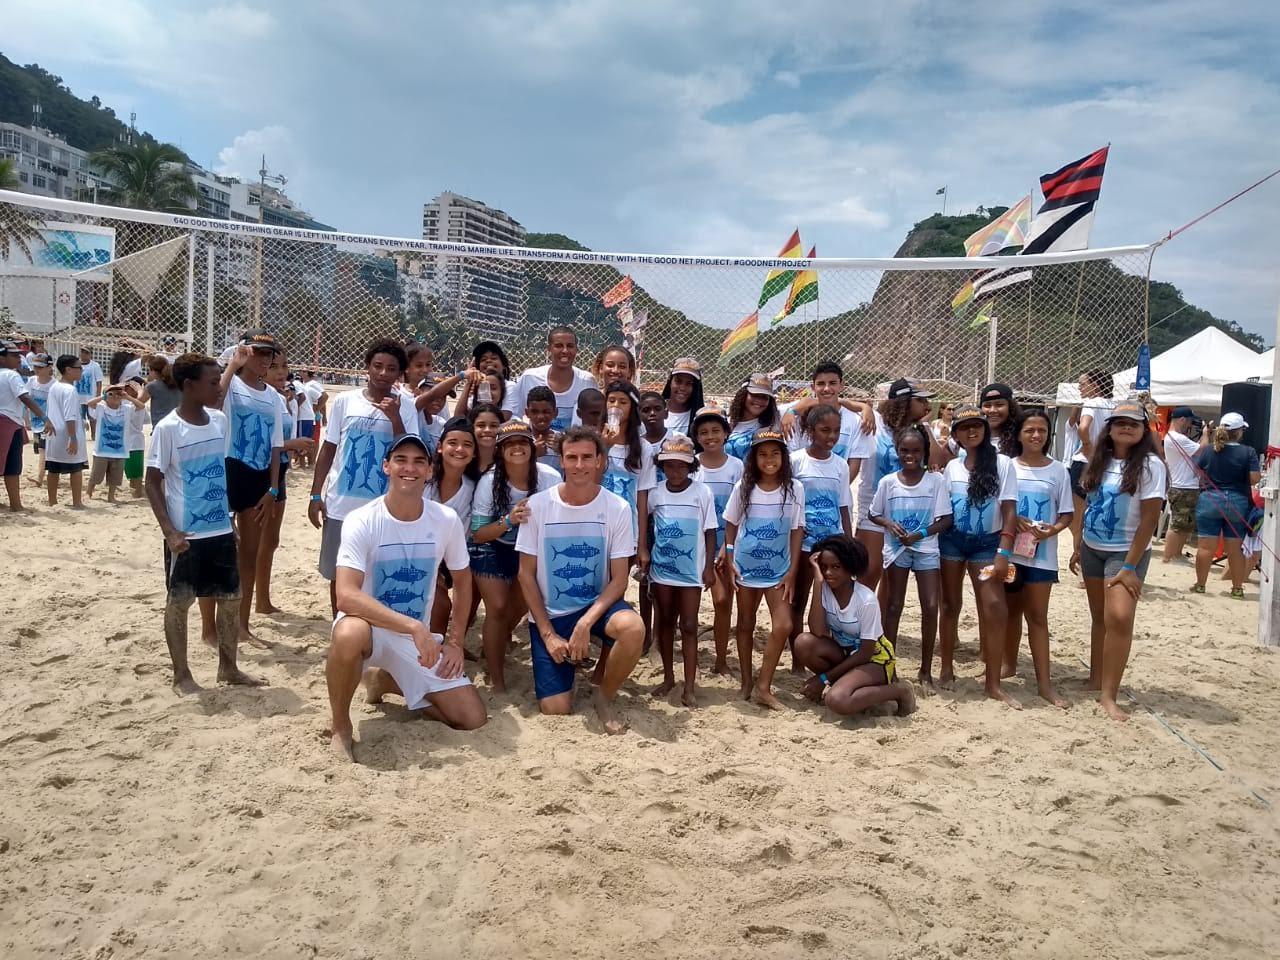 Alunos do Leme encontram medalhistas olímpicos e jogam com rede reciclada